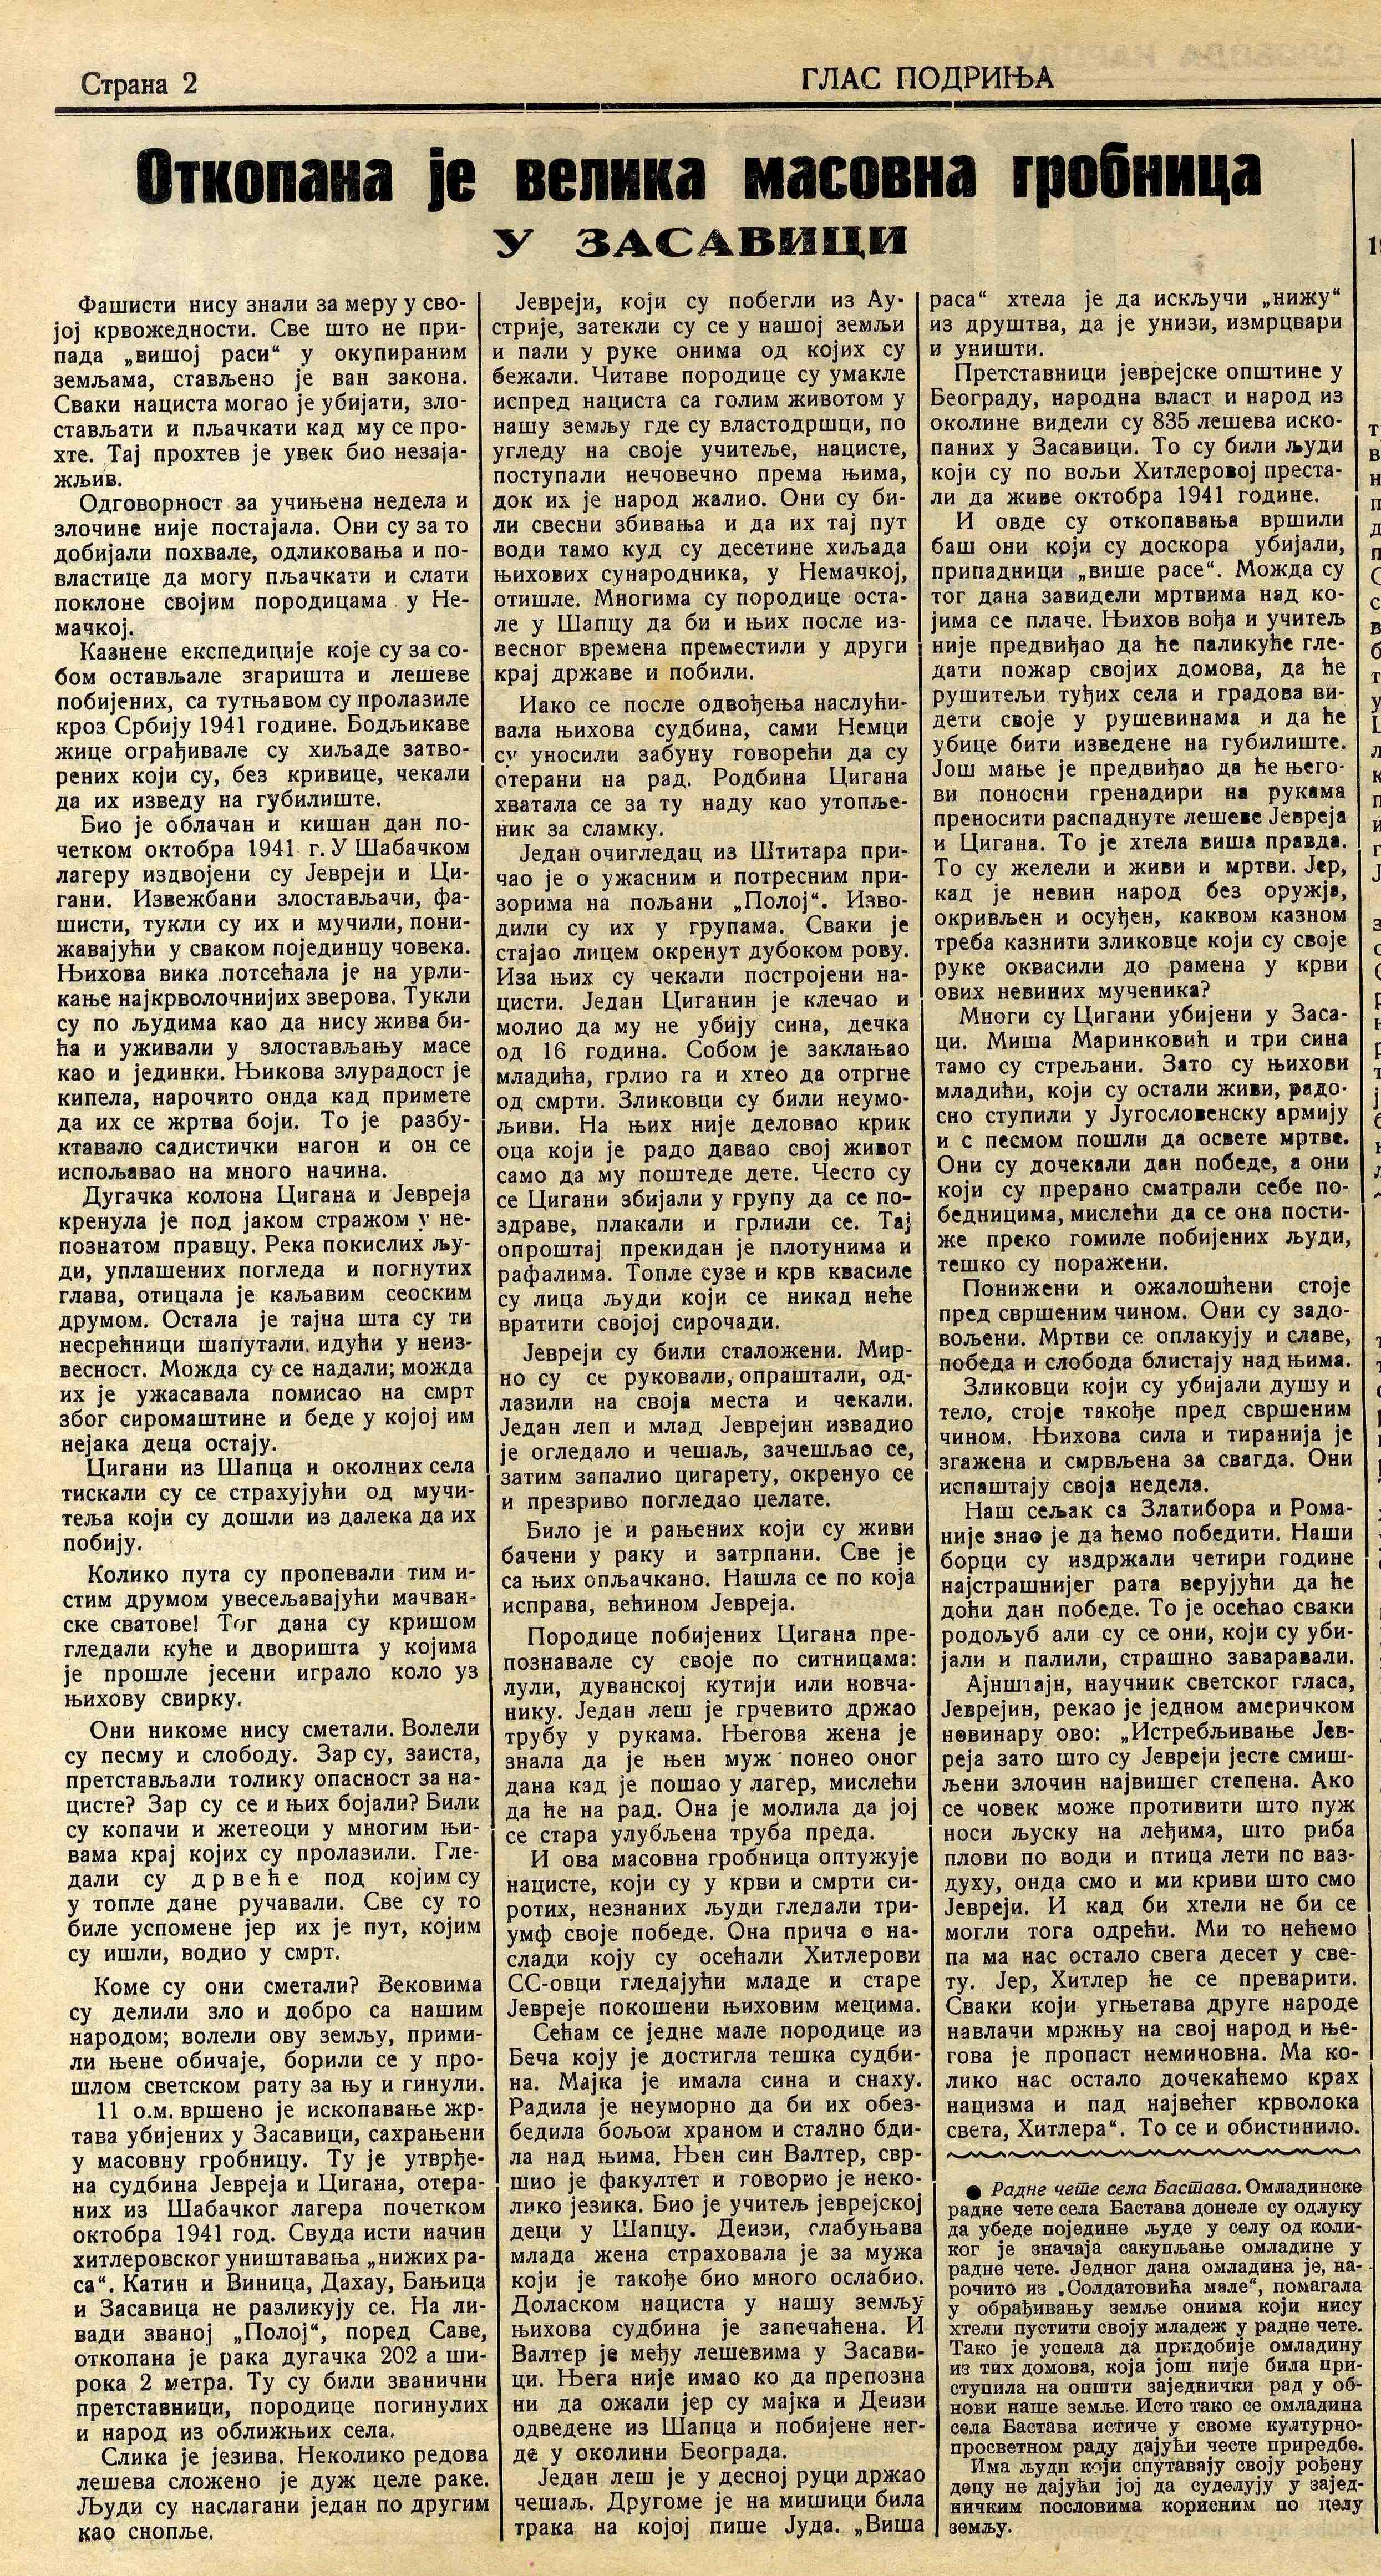 Glas Podrinja, 19.6.1945. Ljubaznošću Stevana Marinkovića.